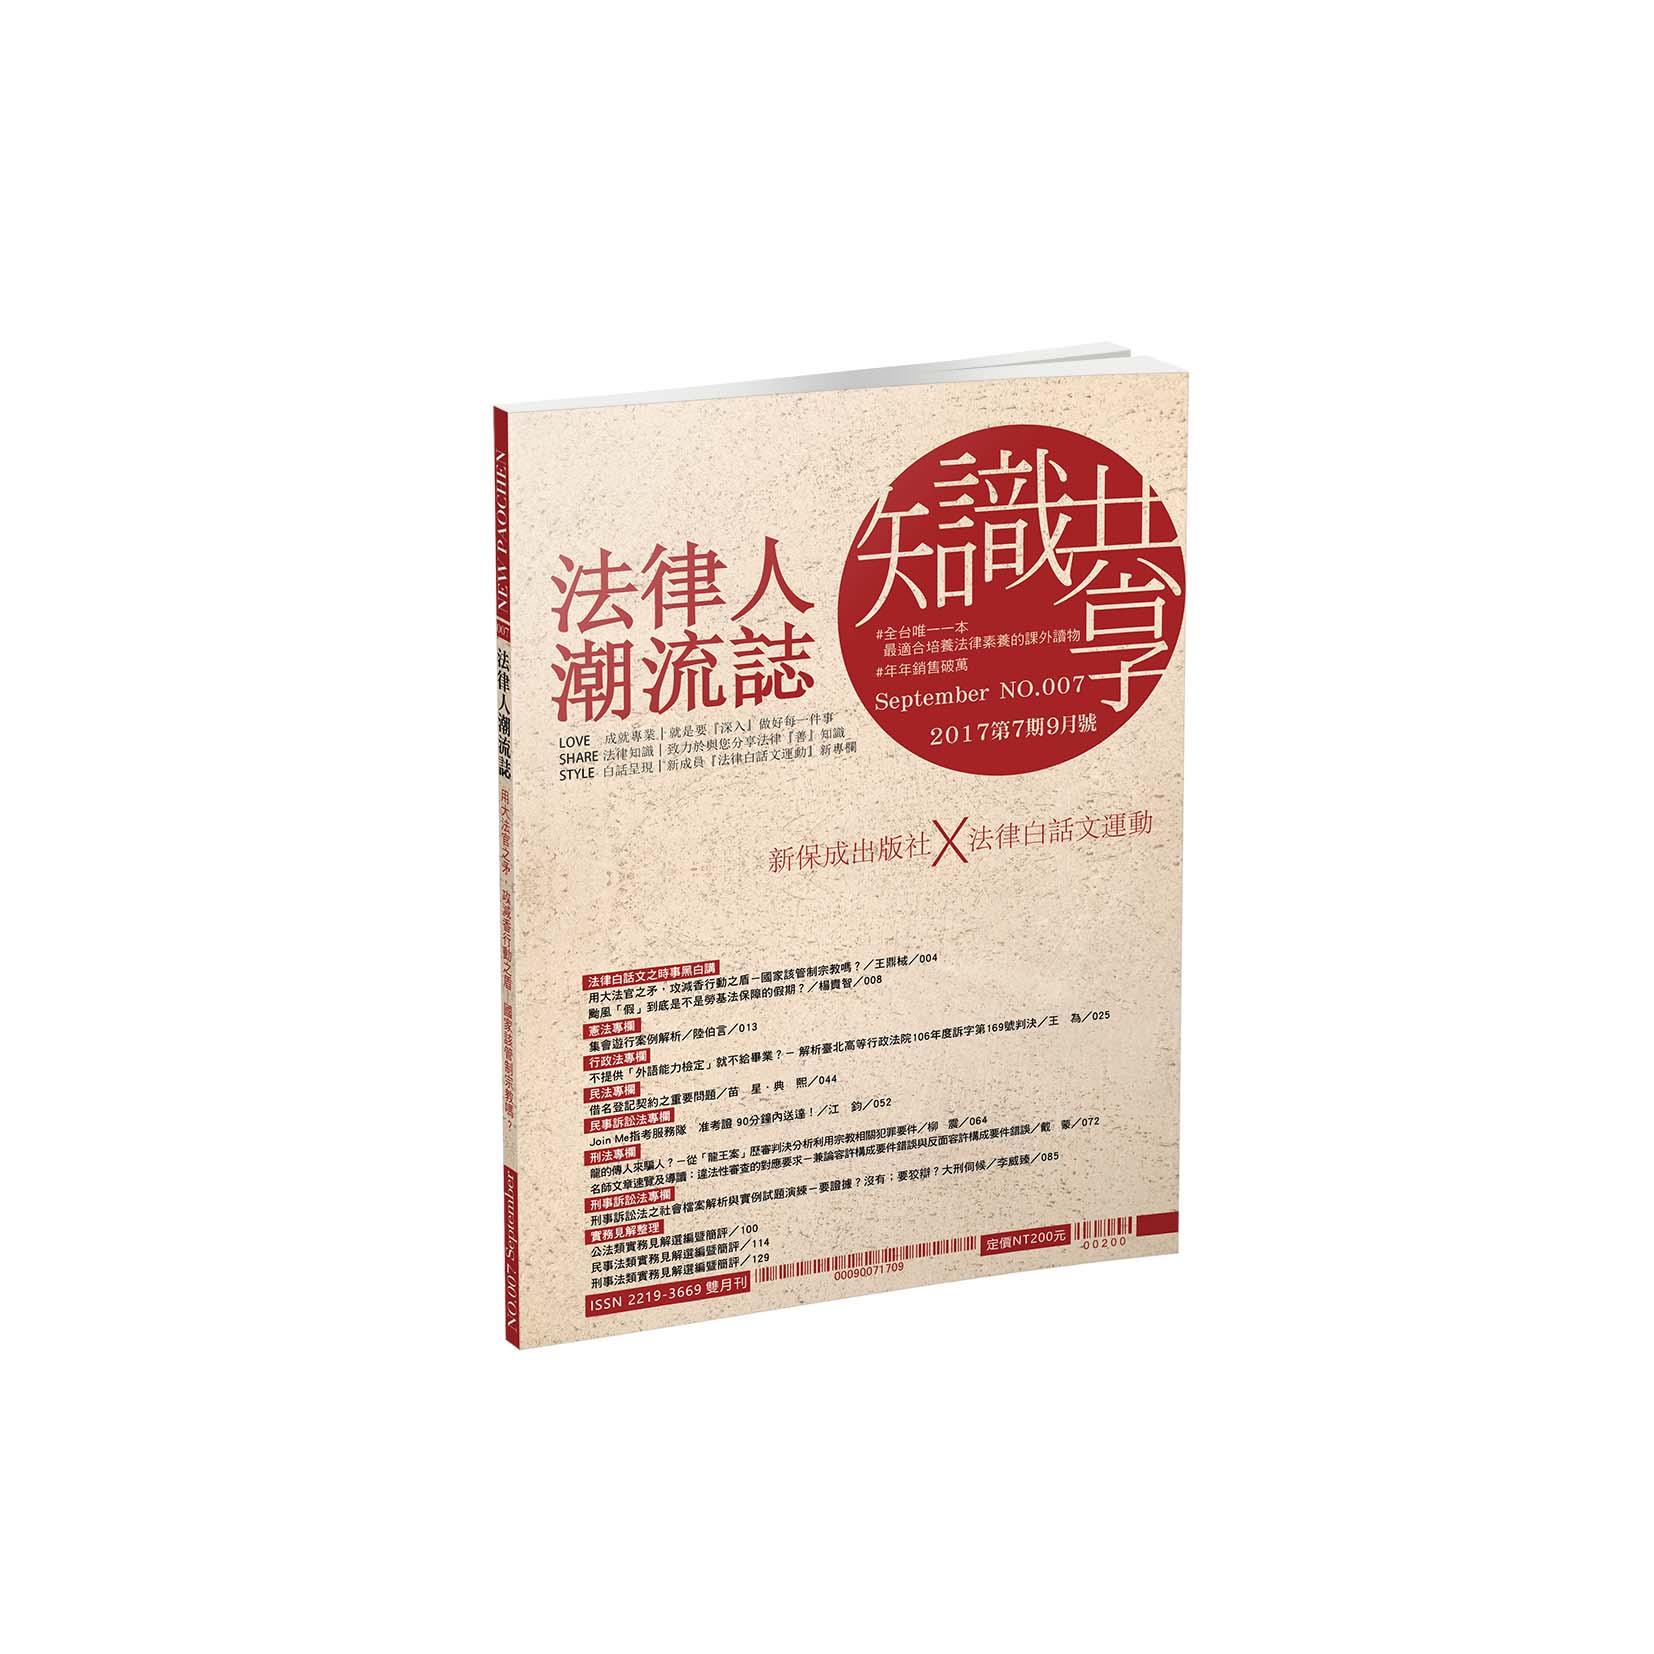 09007-法律人潮流志-第7期(保成)(作者:保成法学苑)